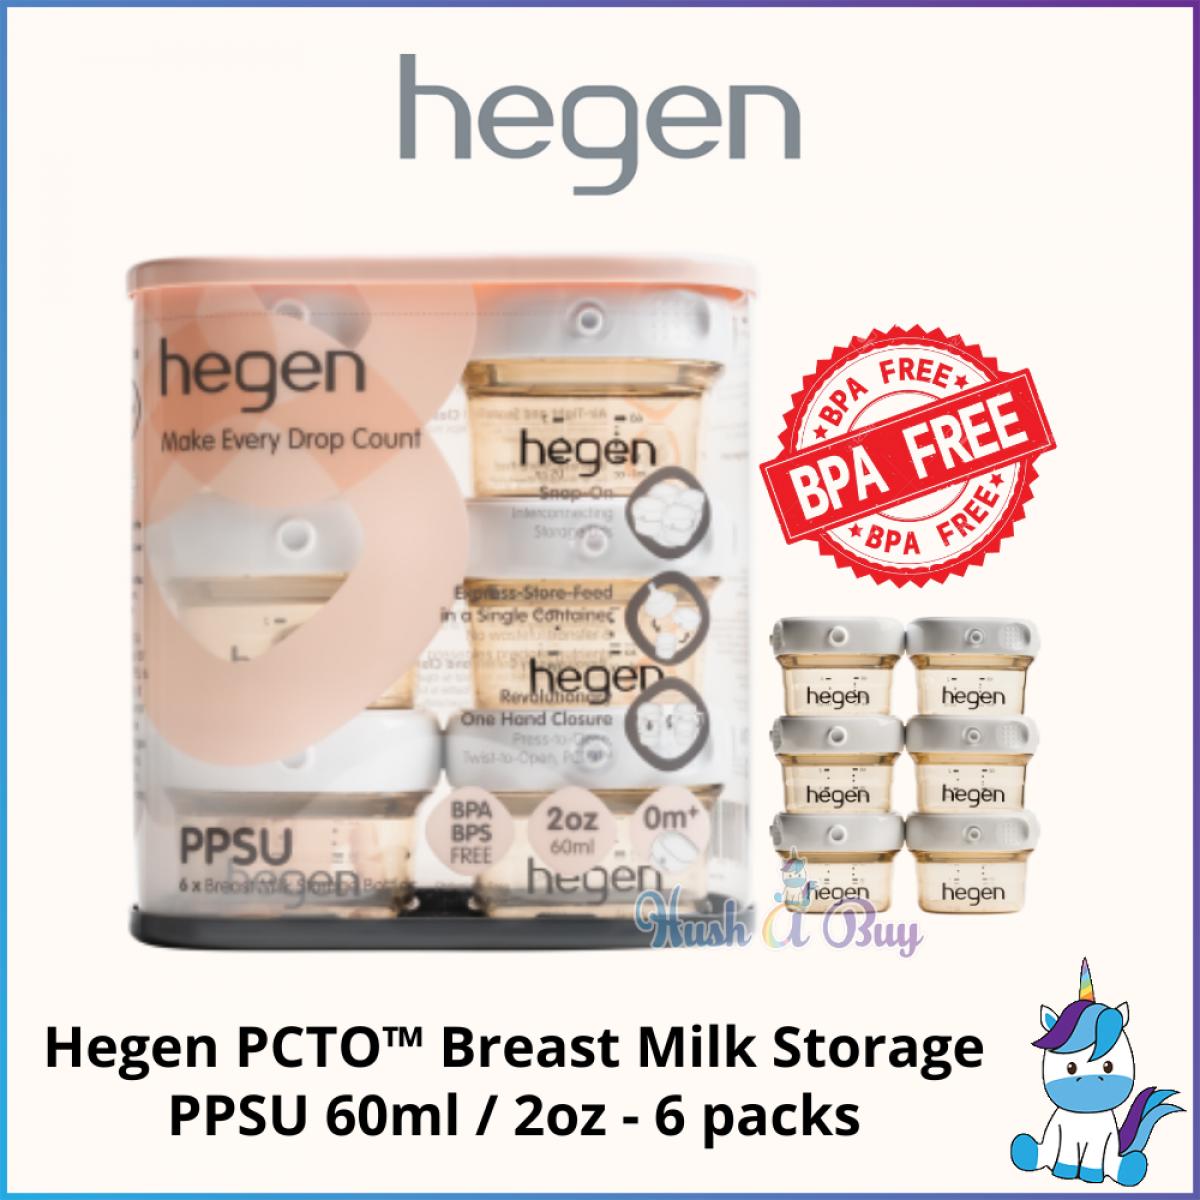 Hegen PCTO™ Breast Milk Storage PPSU 60ml / 2oz - 6 packs